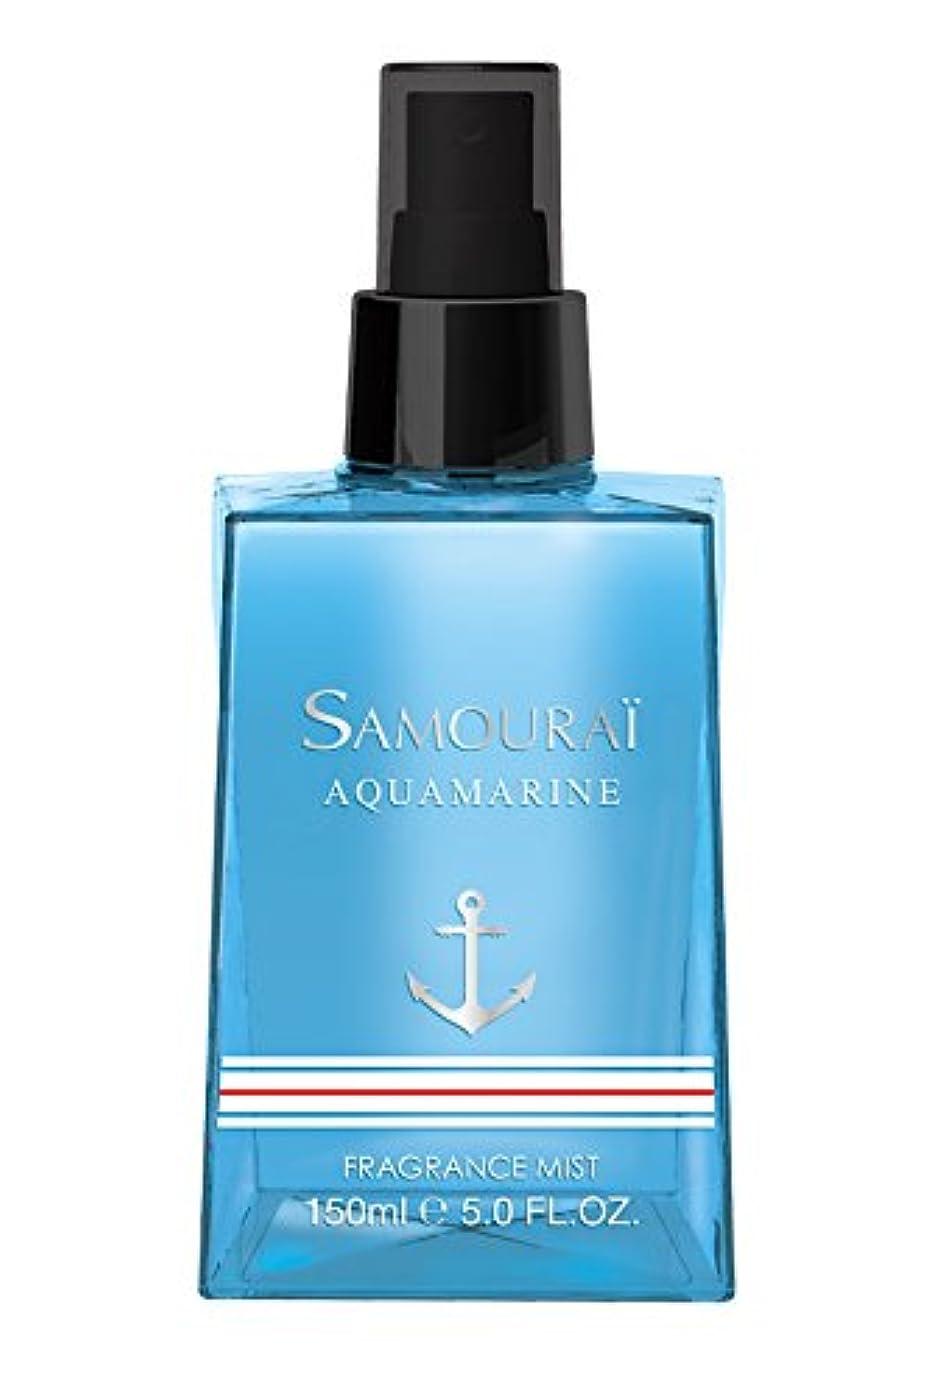 次記念碑的な航海サムライ アクアマリン フレグランスミスト 150ml